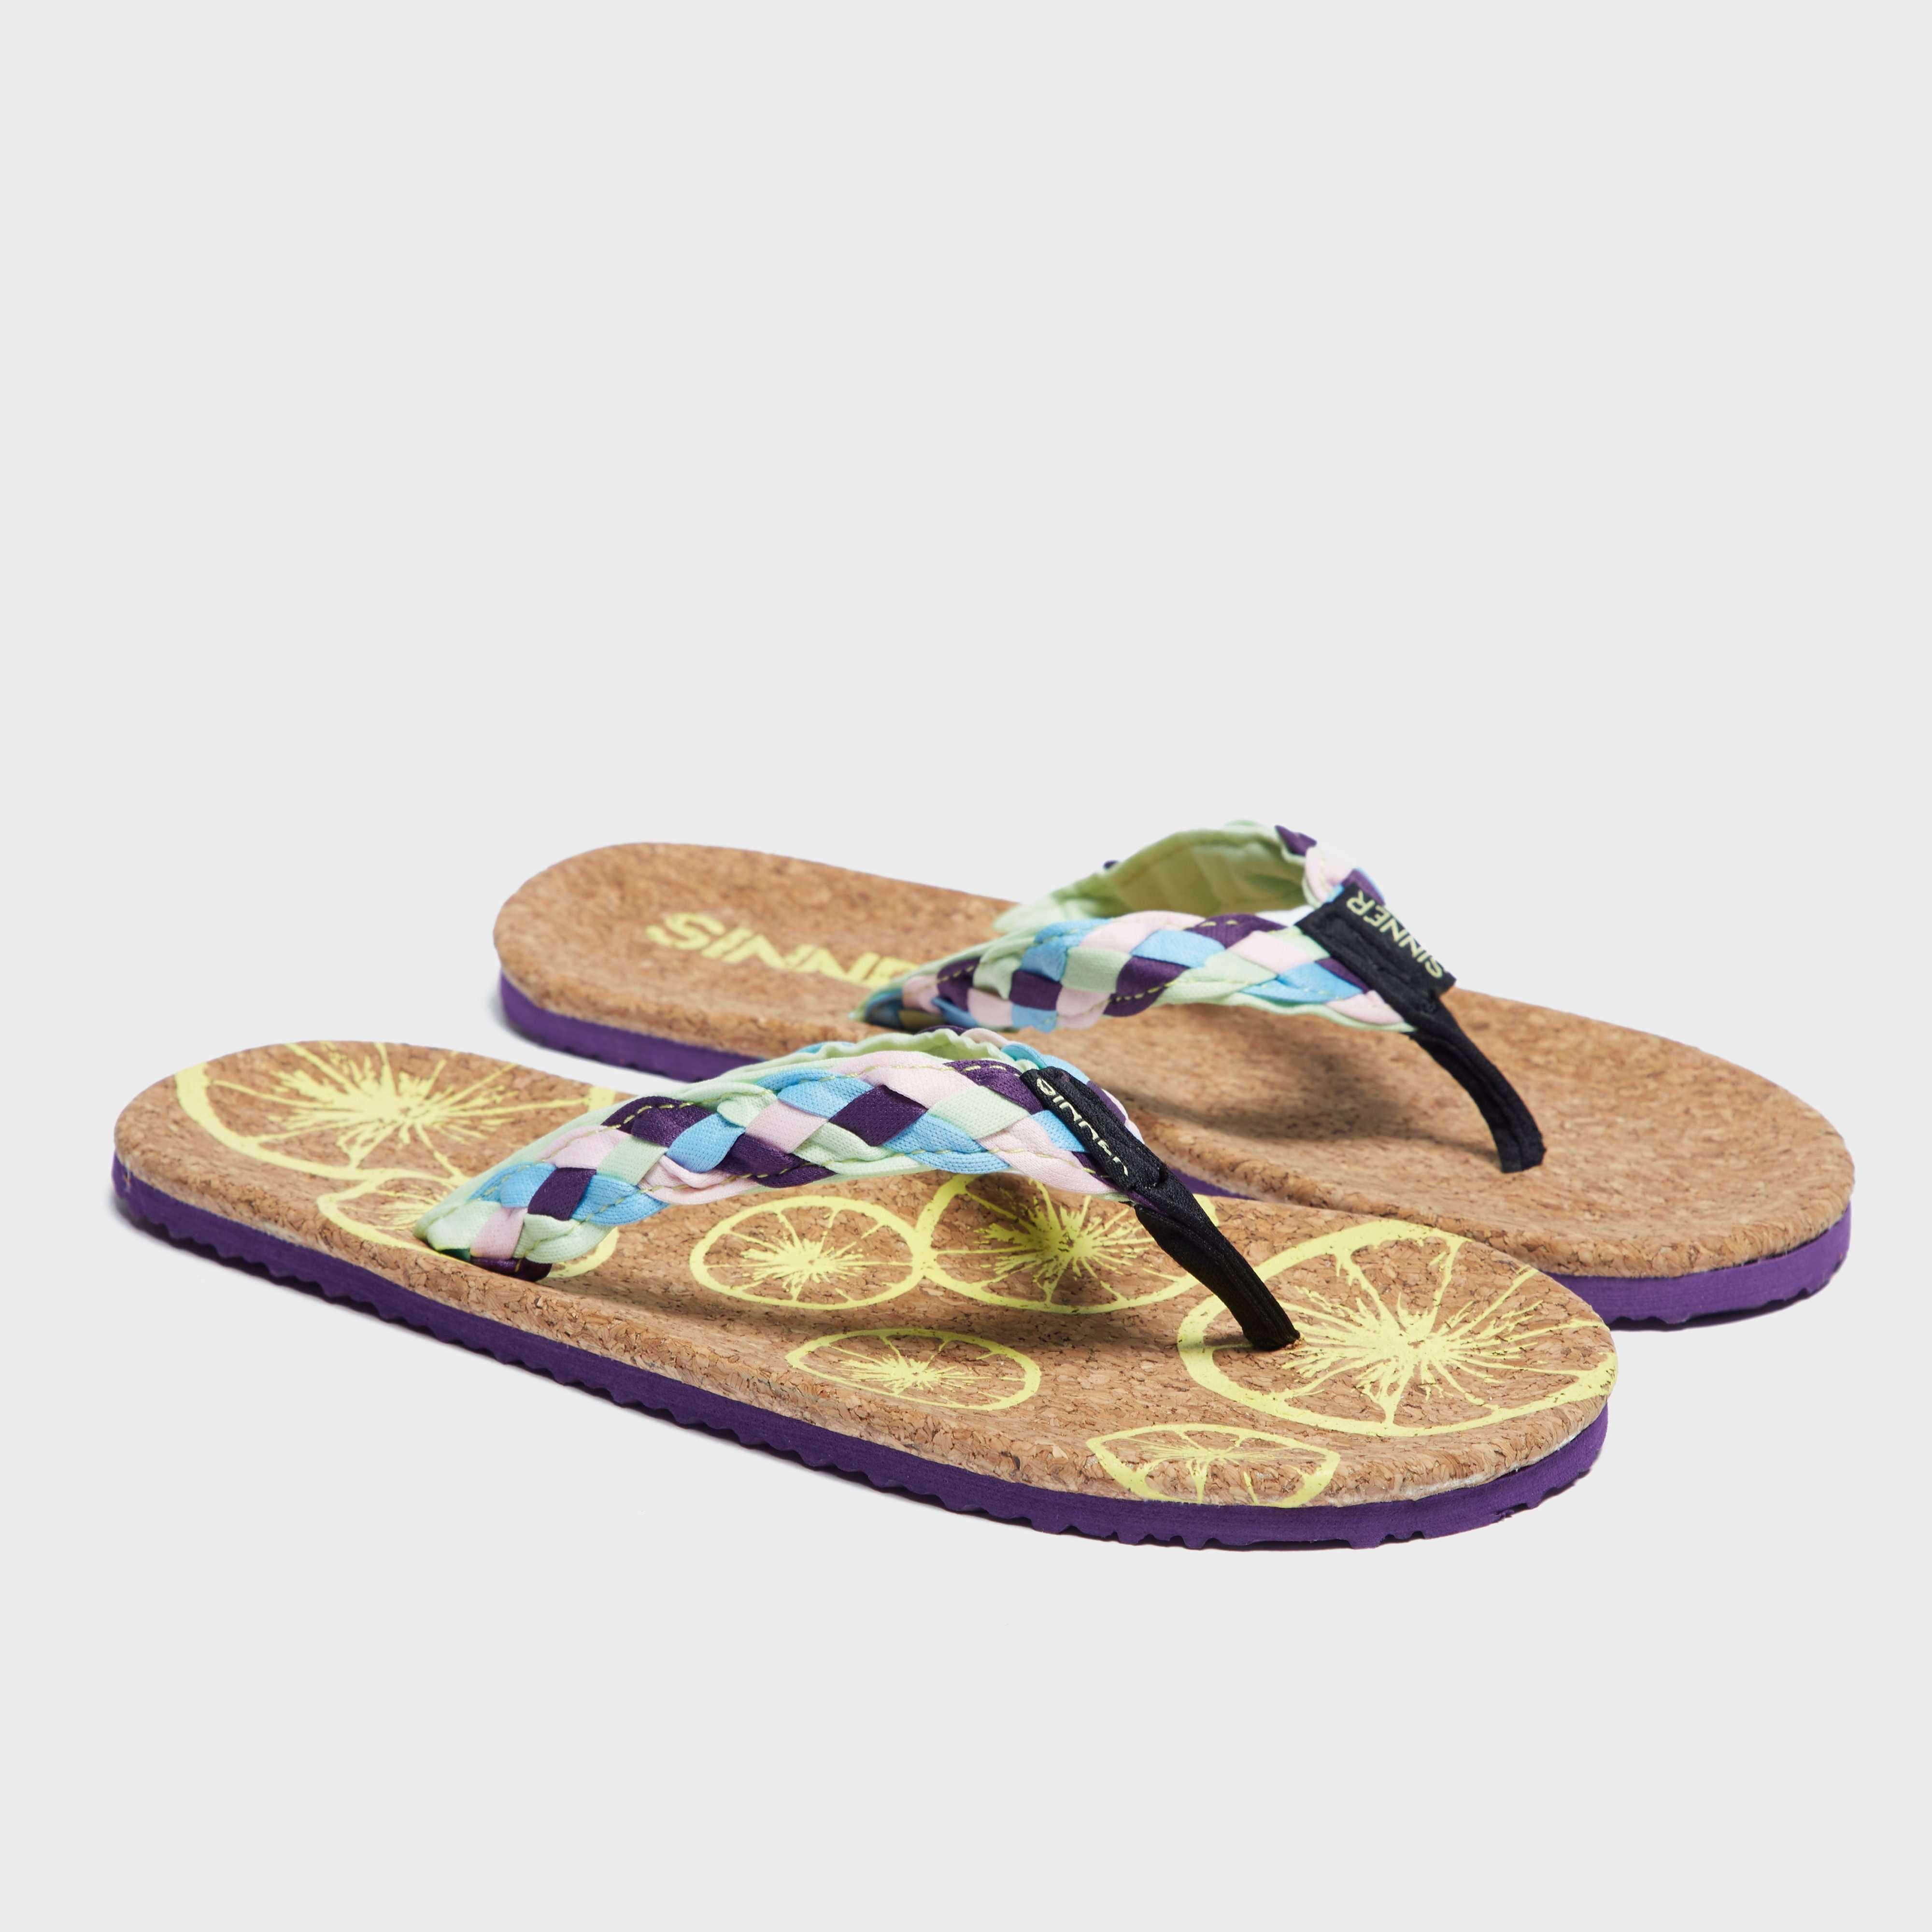 SINNER Women's Cork Sandal